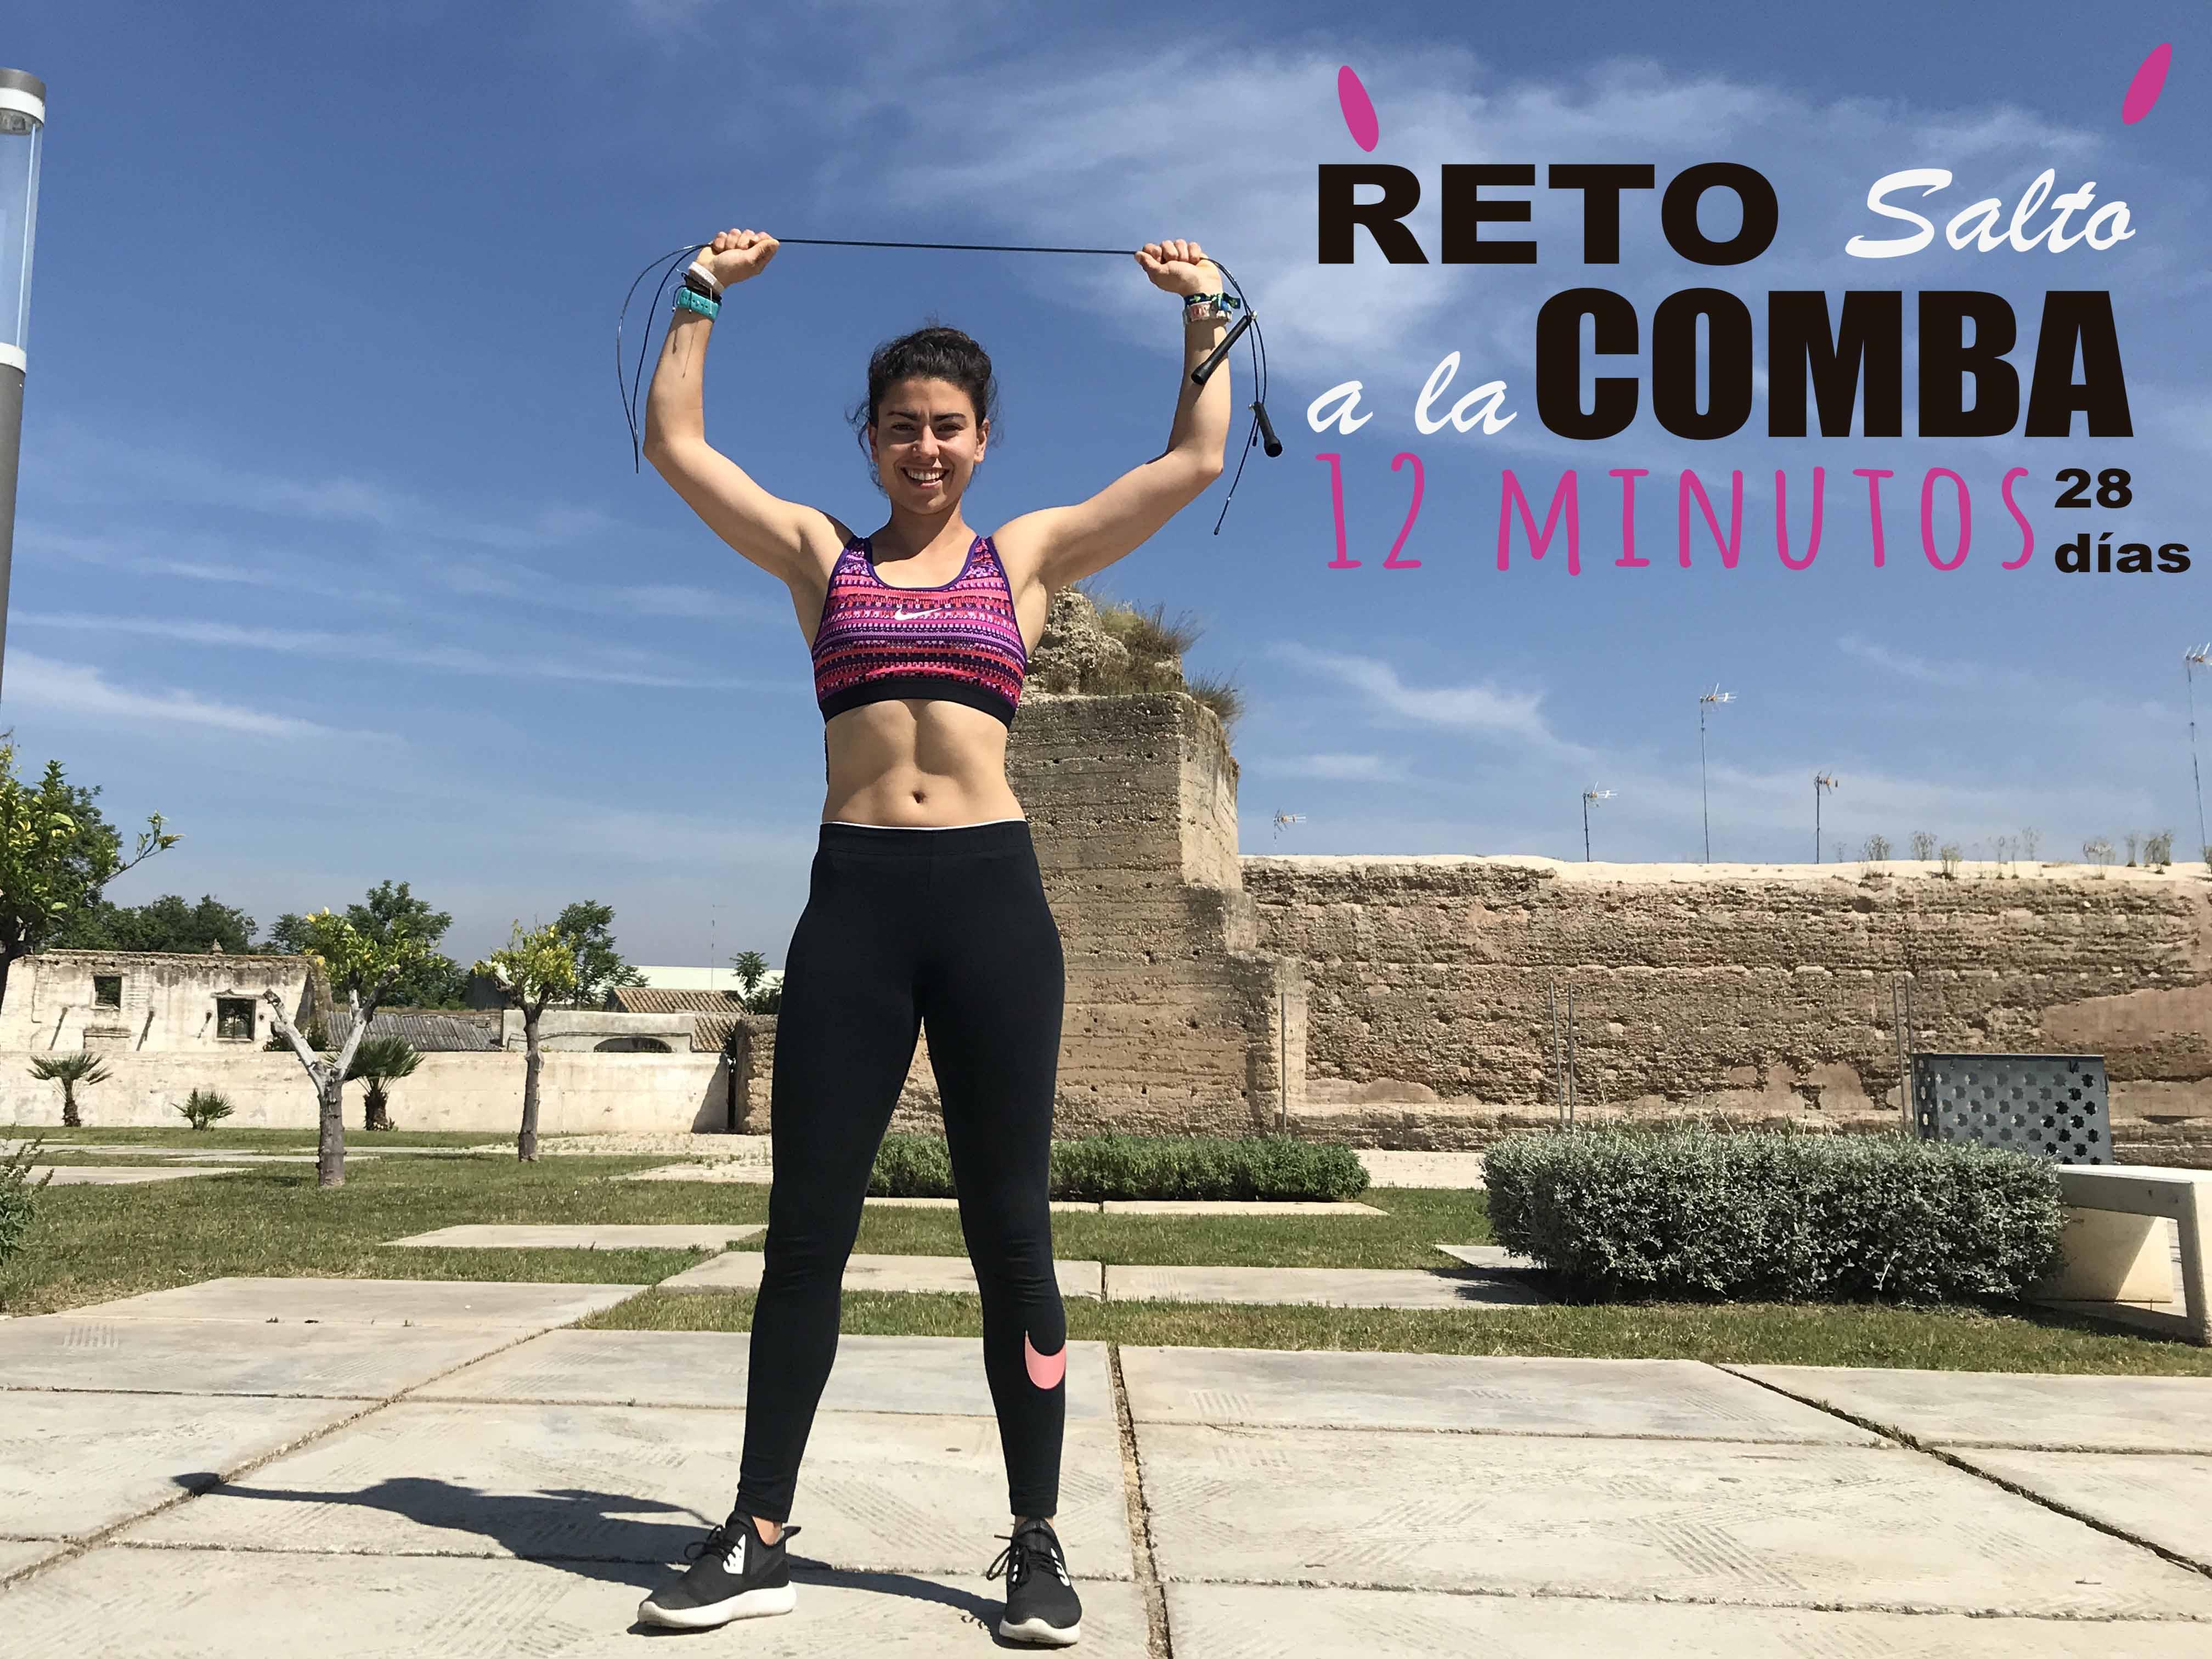 Reto mTraining – 12 minutos salto a la comba (avanzado)